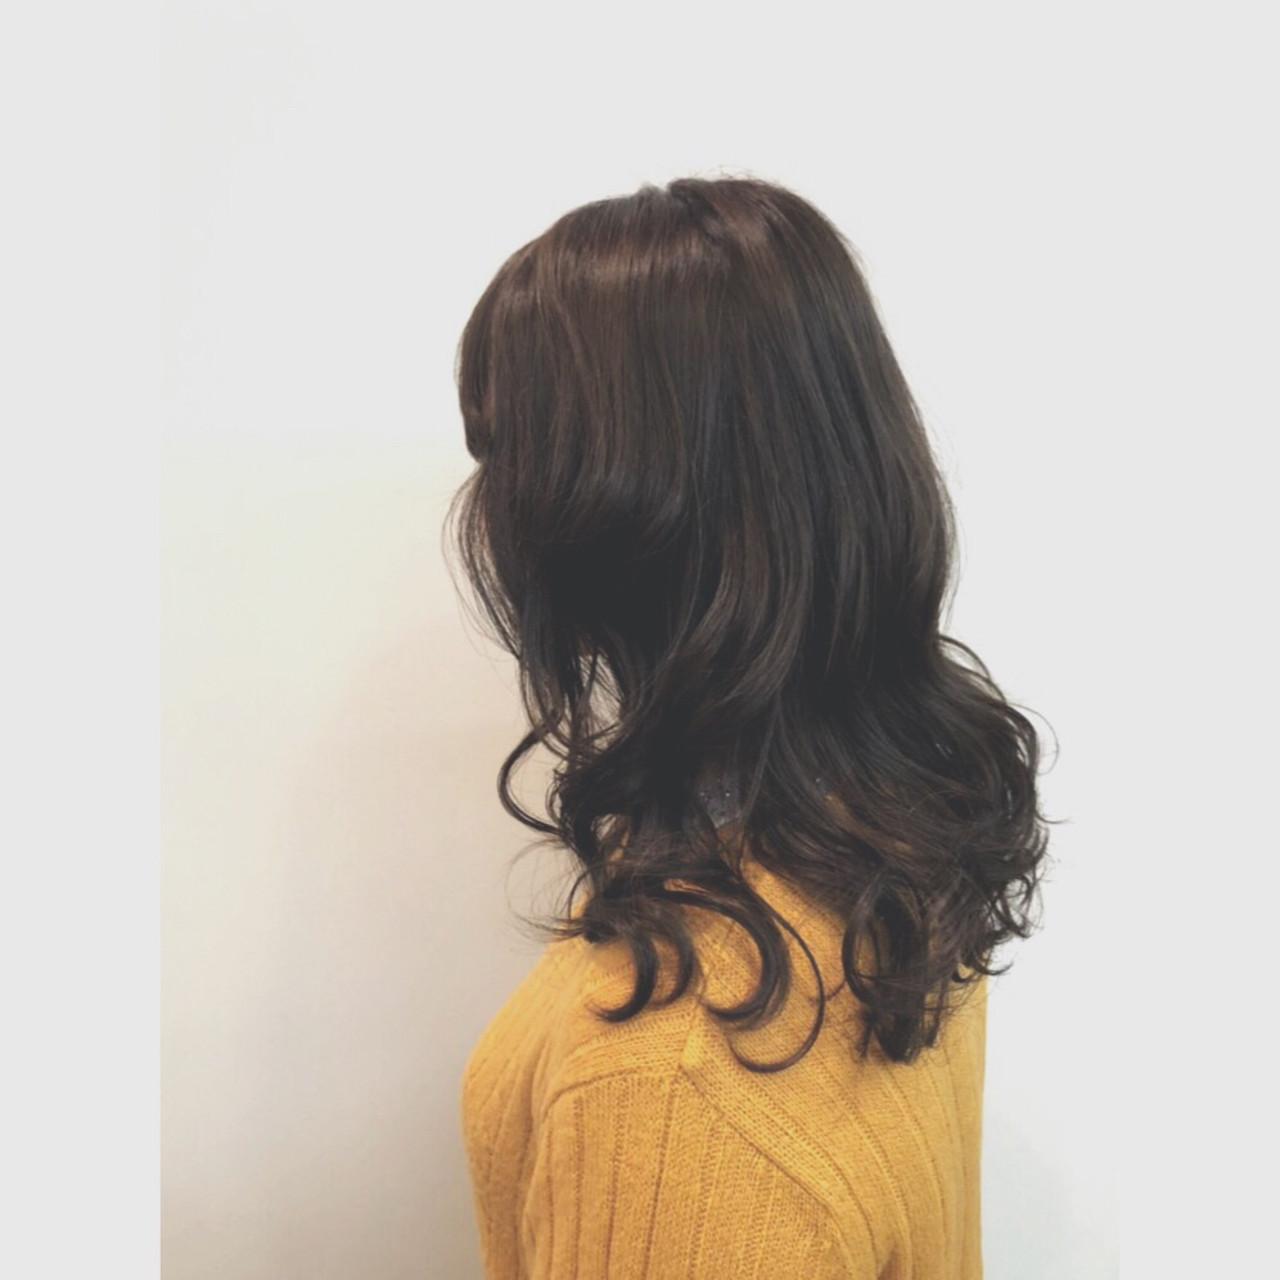 アッシュ ゆるふわ 暗髪 アンニュイほつれヘア ヘアスタイルや髪型の写真・画像 | 田上 ほまれ / D-boy Alice 下通